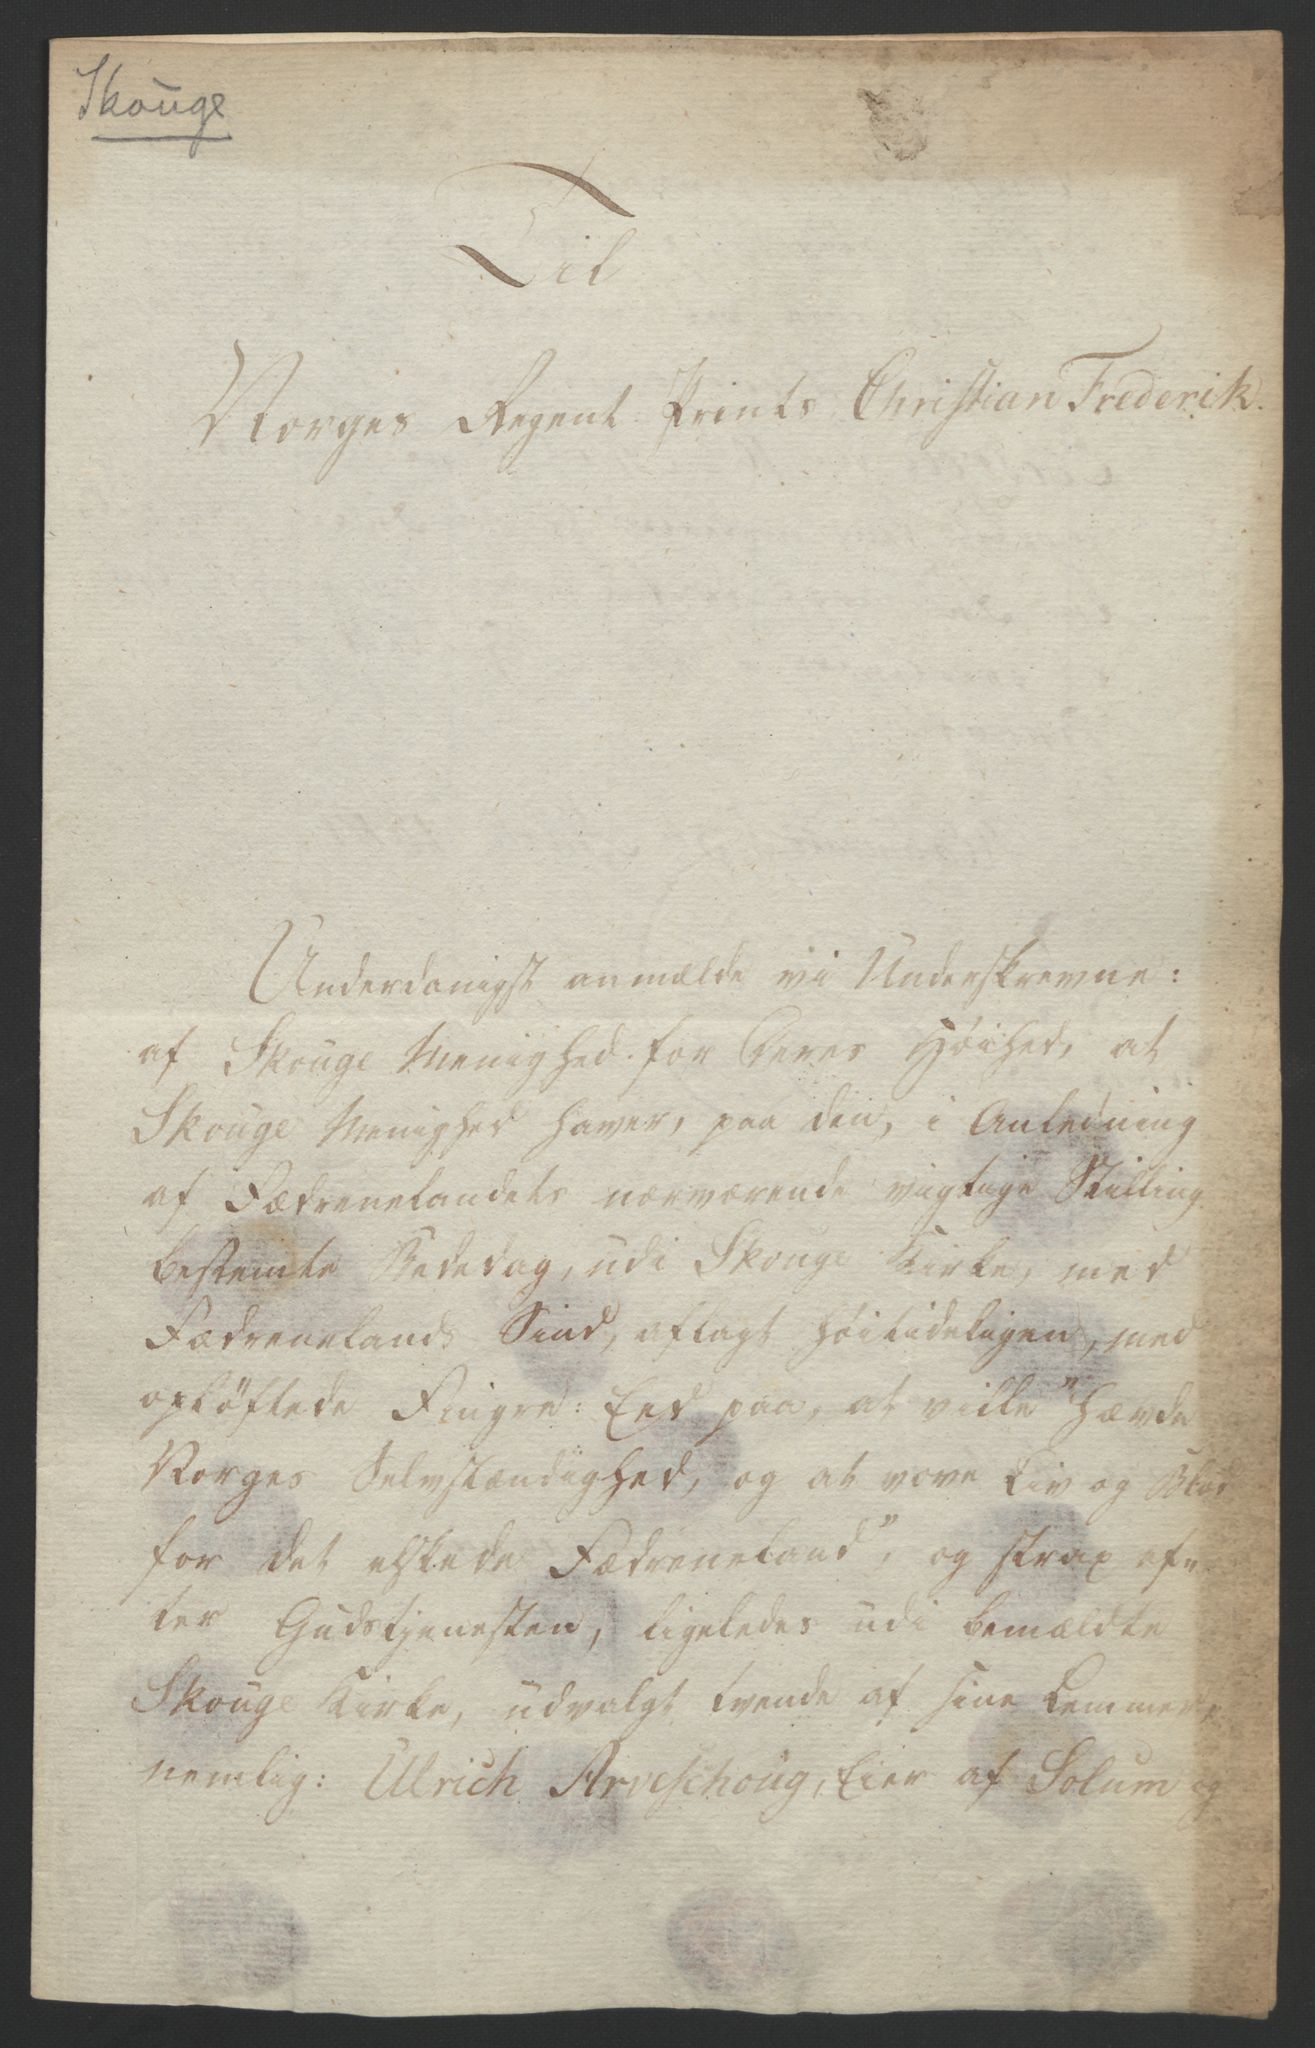 RA, Statsrådssekretariatet, D/Db/L0008: Fullmakter for Eidsvollsrepresentantene i 1814. , 1814, s. 22